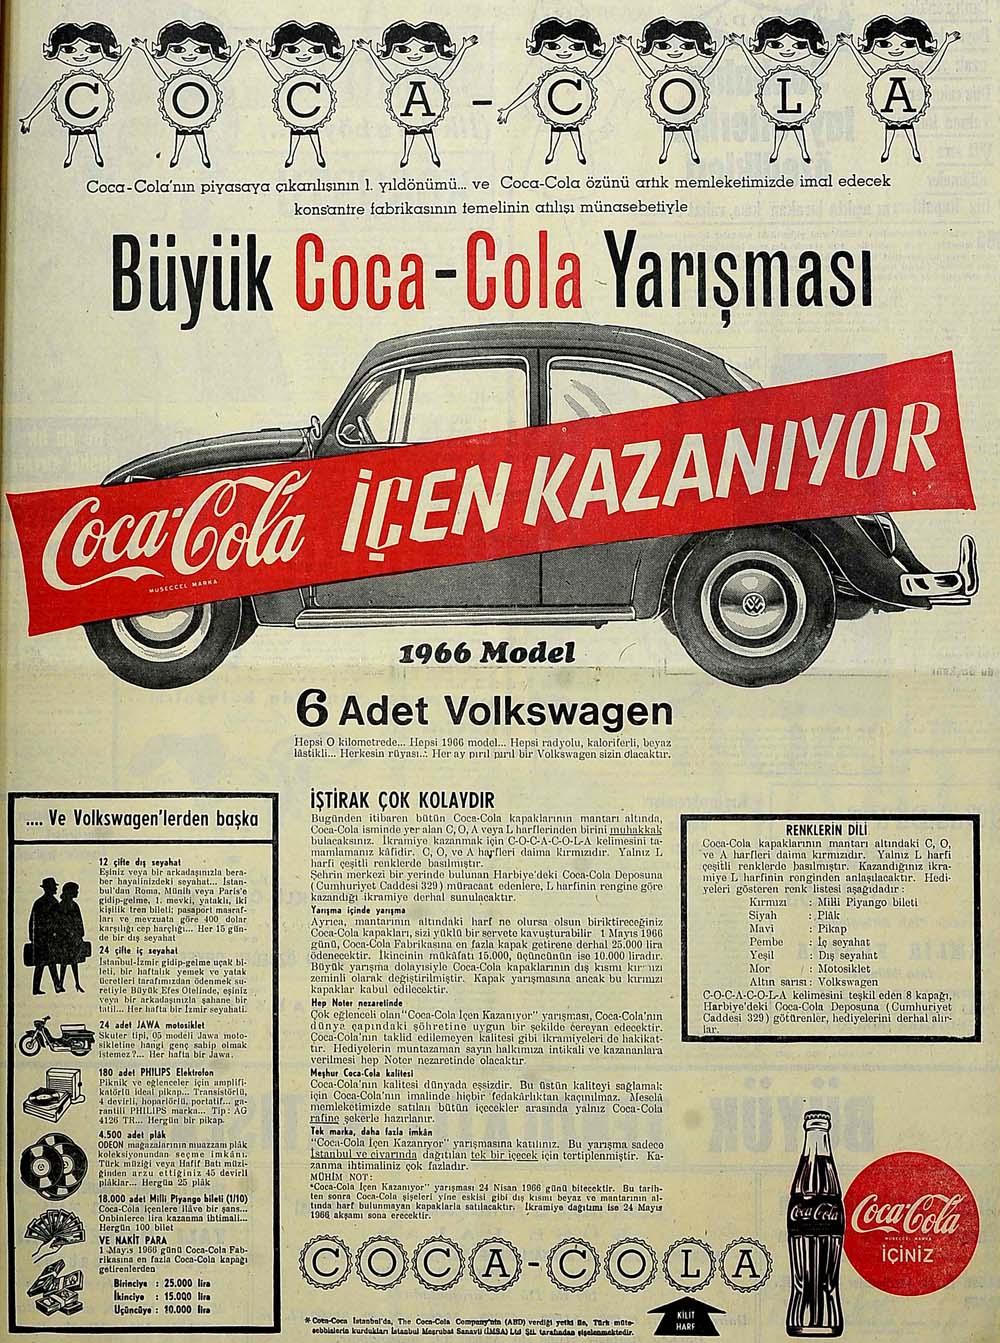 Büyük Coca-Cola Yarışması